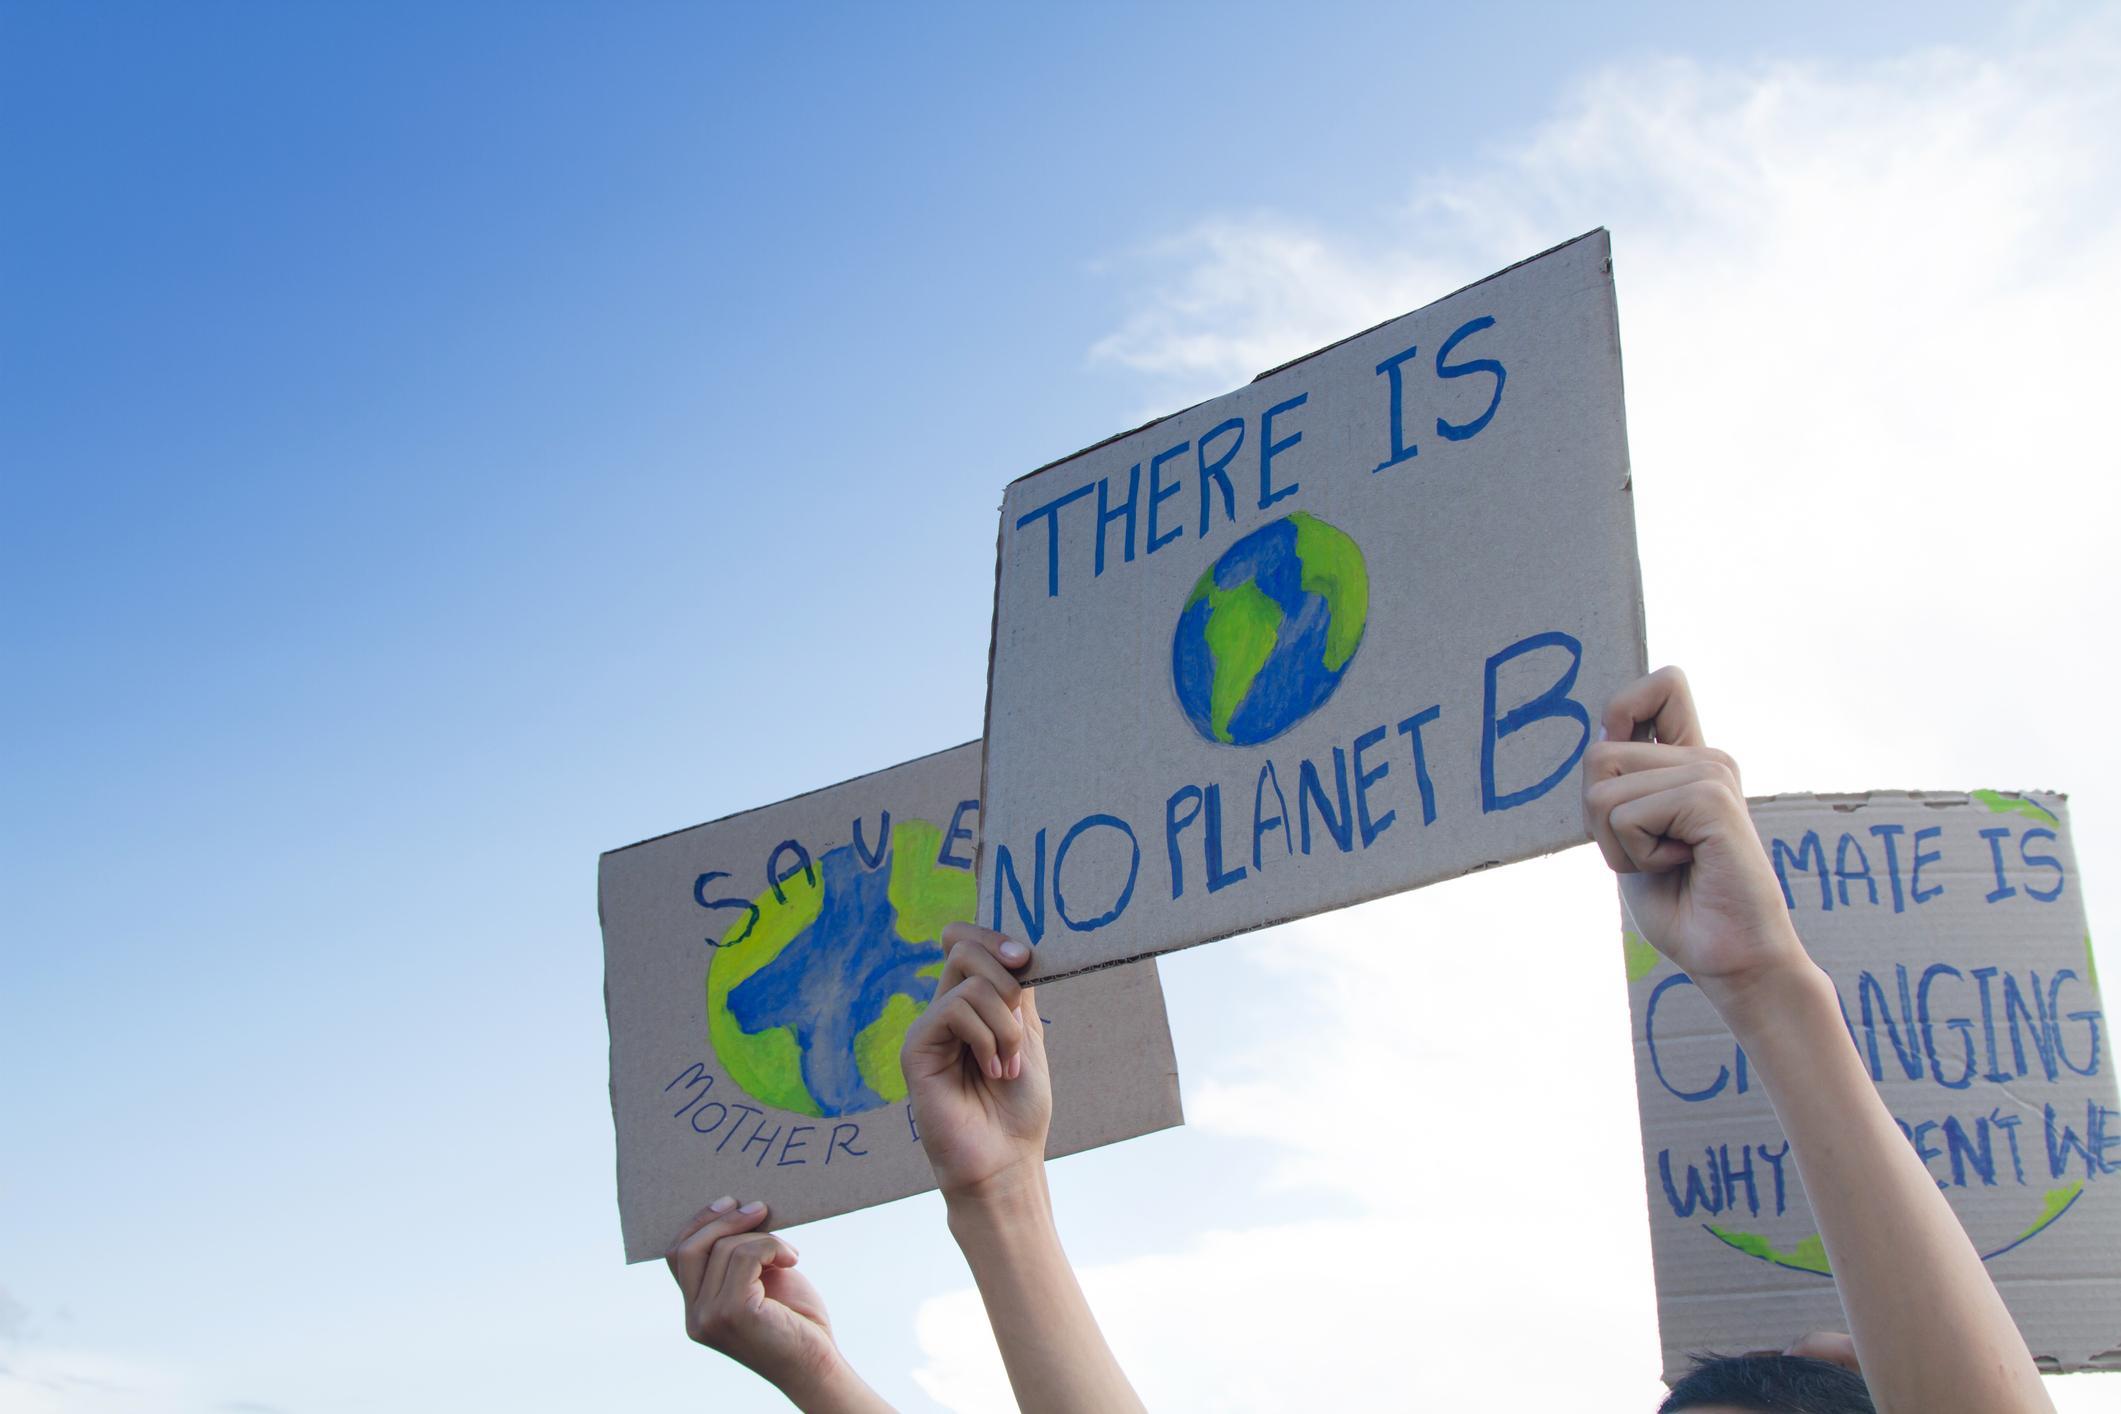 Ihmisiä mielenosoituksessa näyttämässä pahvinpaloilta iskulauseita, joissa kannatetaan ilmastonmuutoksen torjumista.